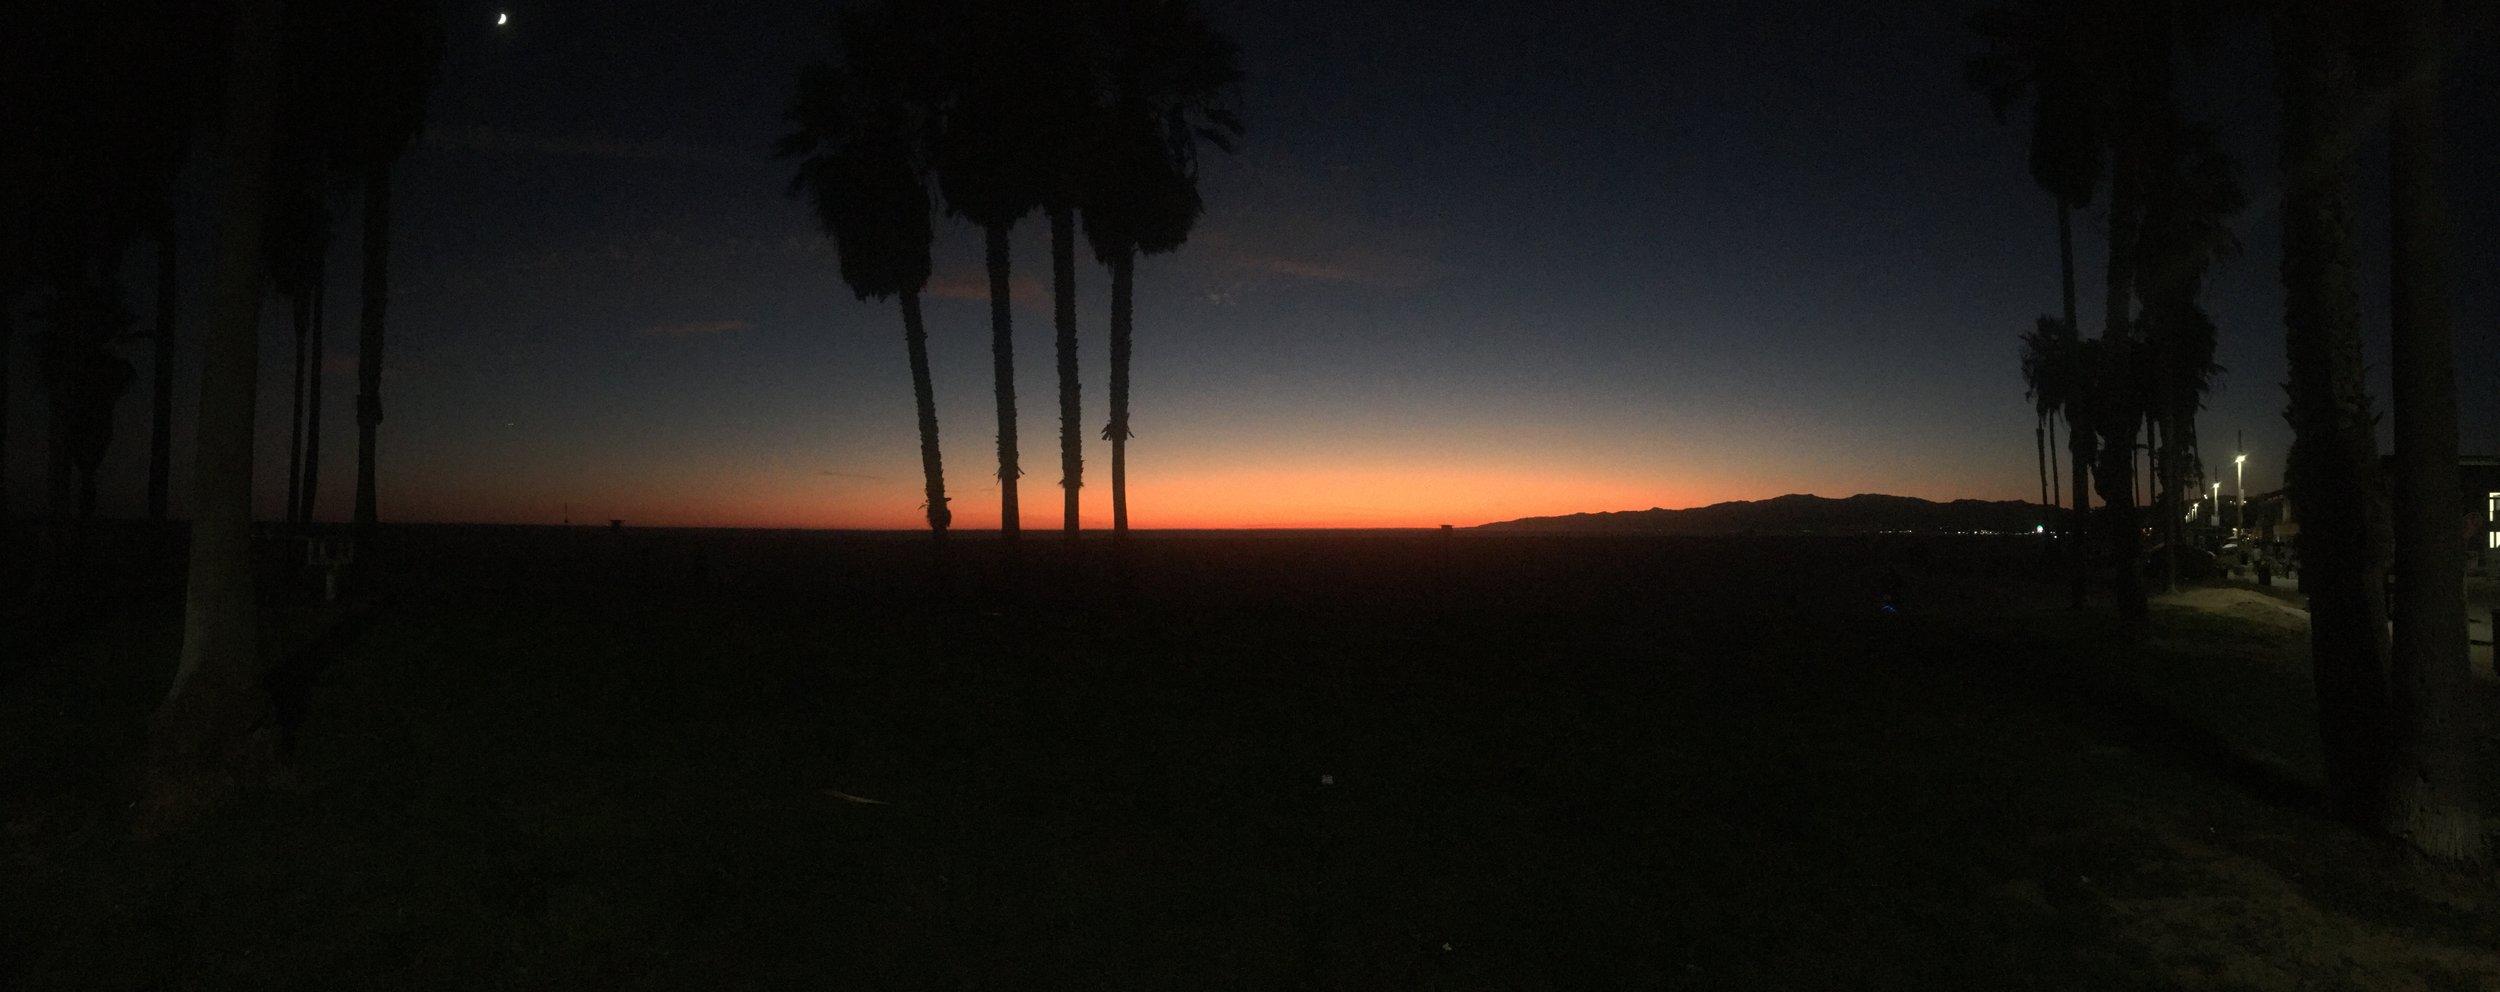 sunsets in Santa monica.JPG